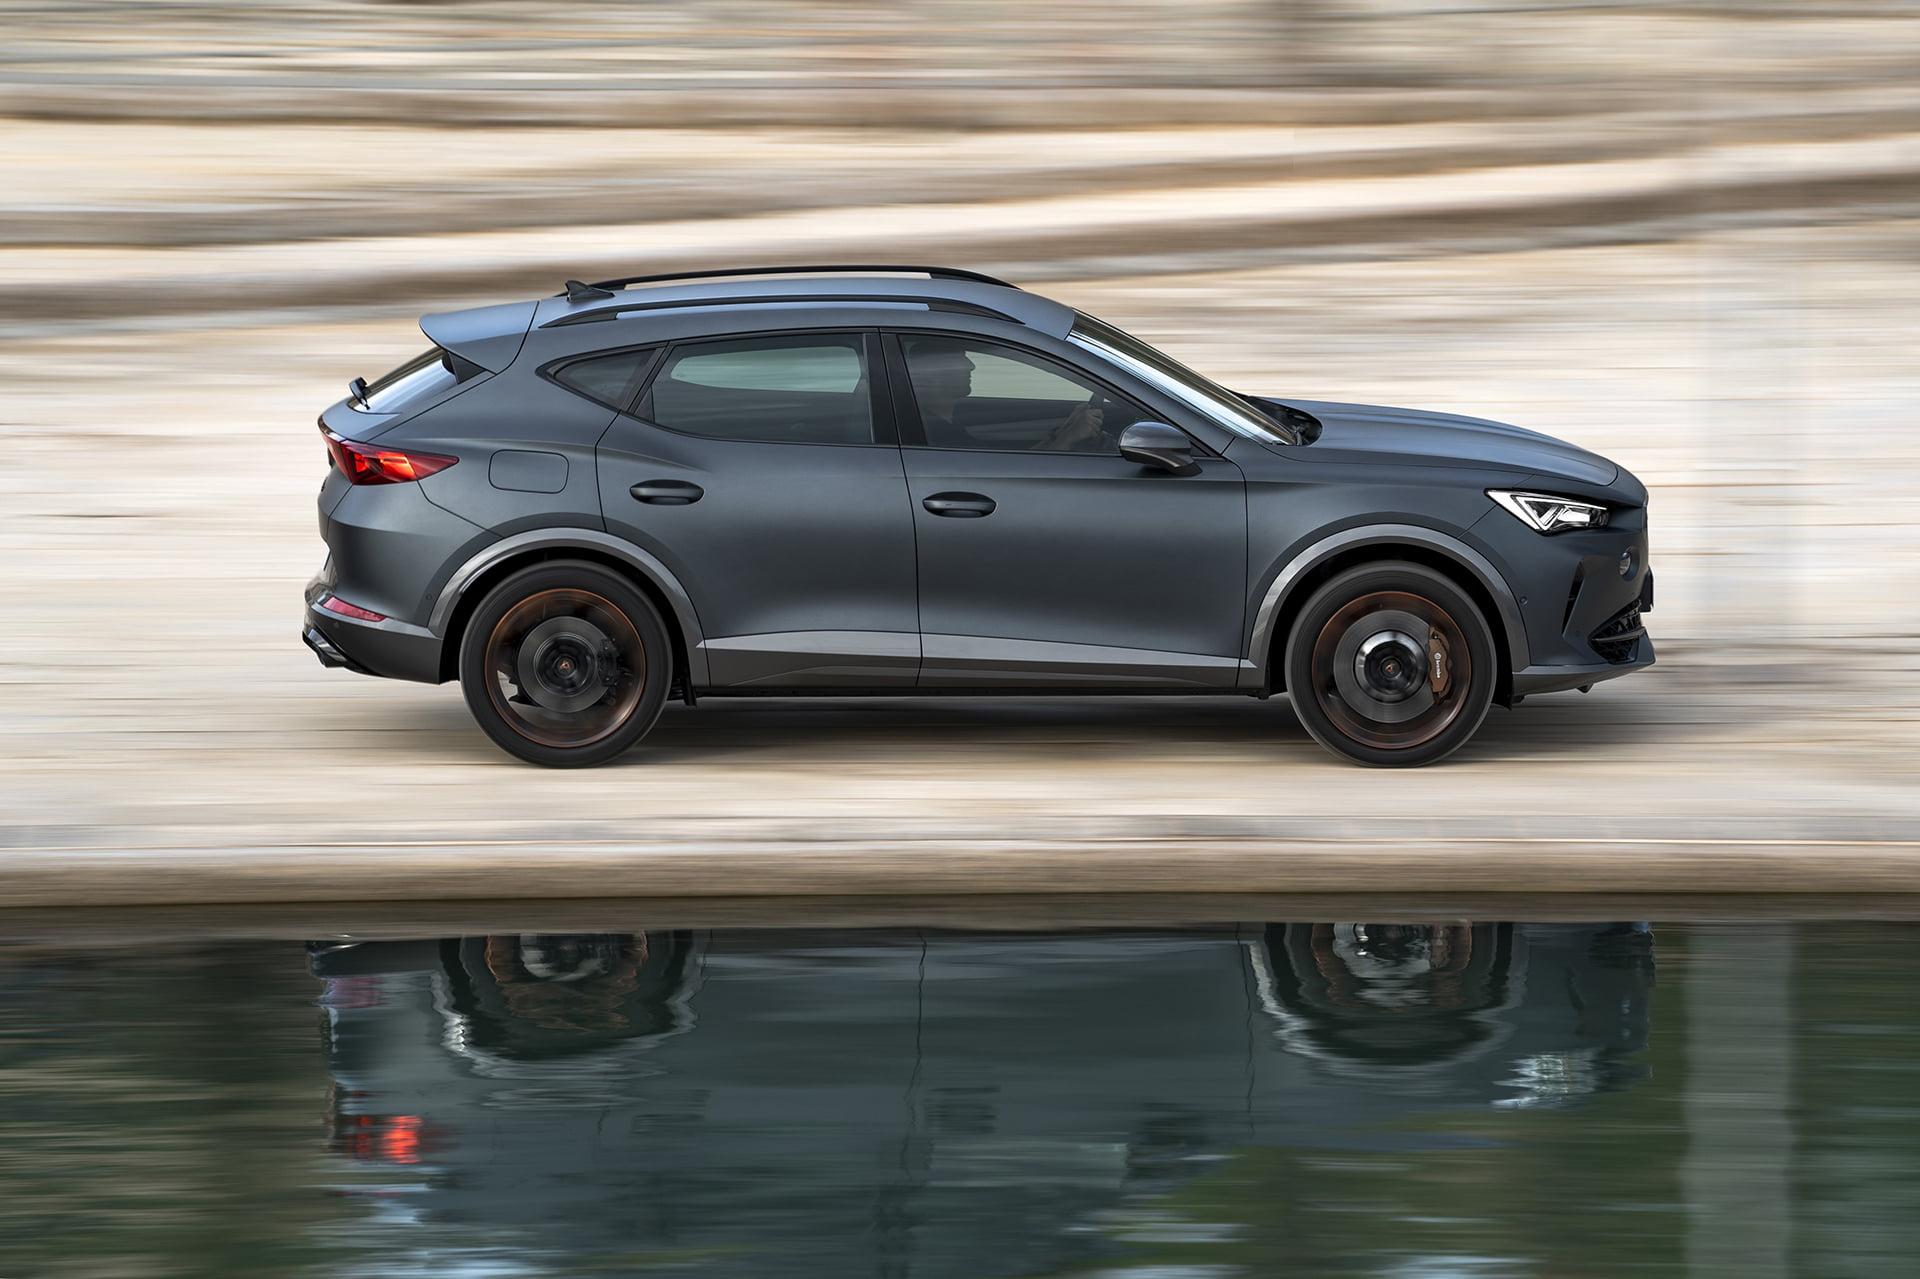 Cupra se afianza como marca con la llegada de más modelos de la gama Formentor.